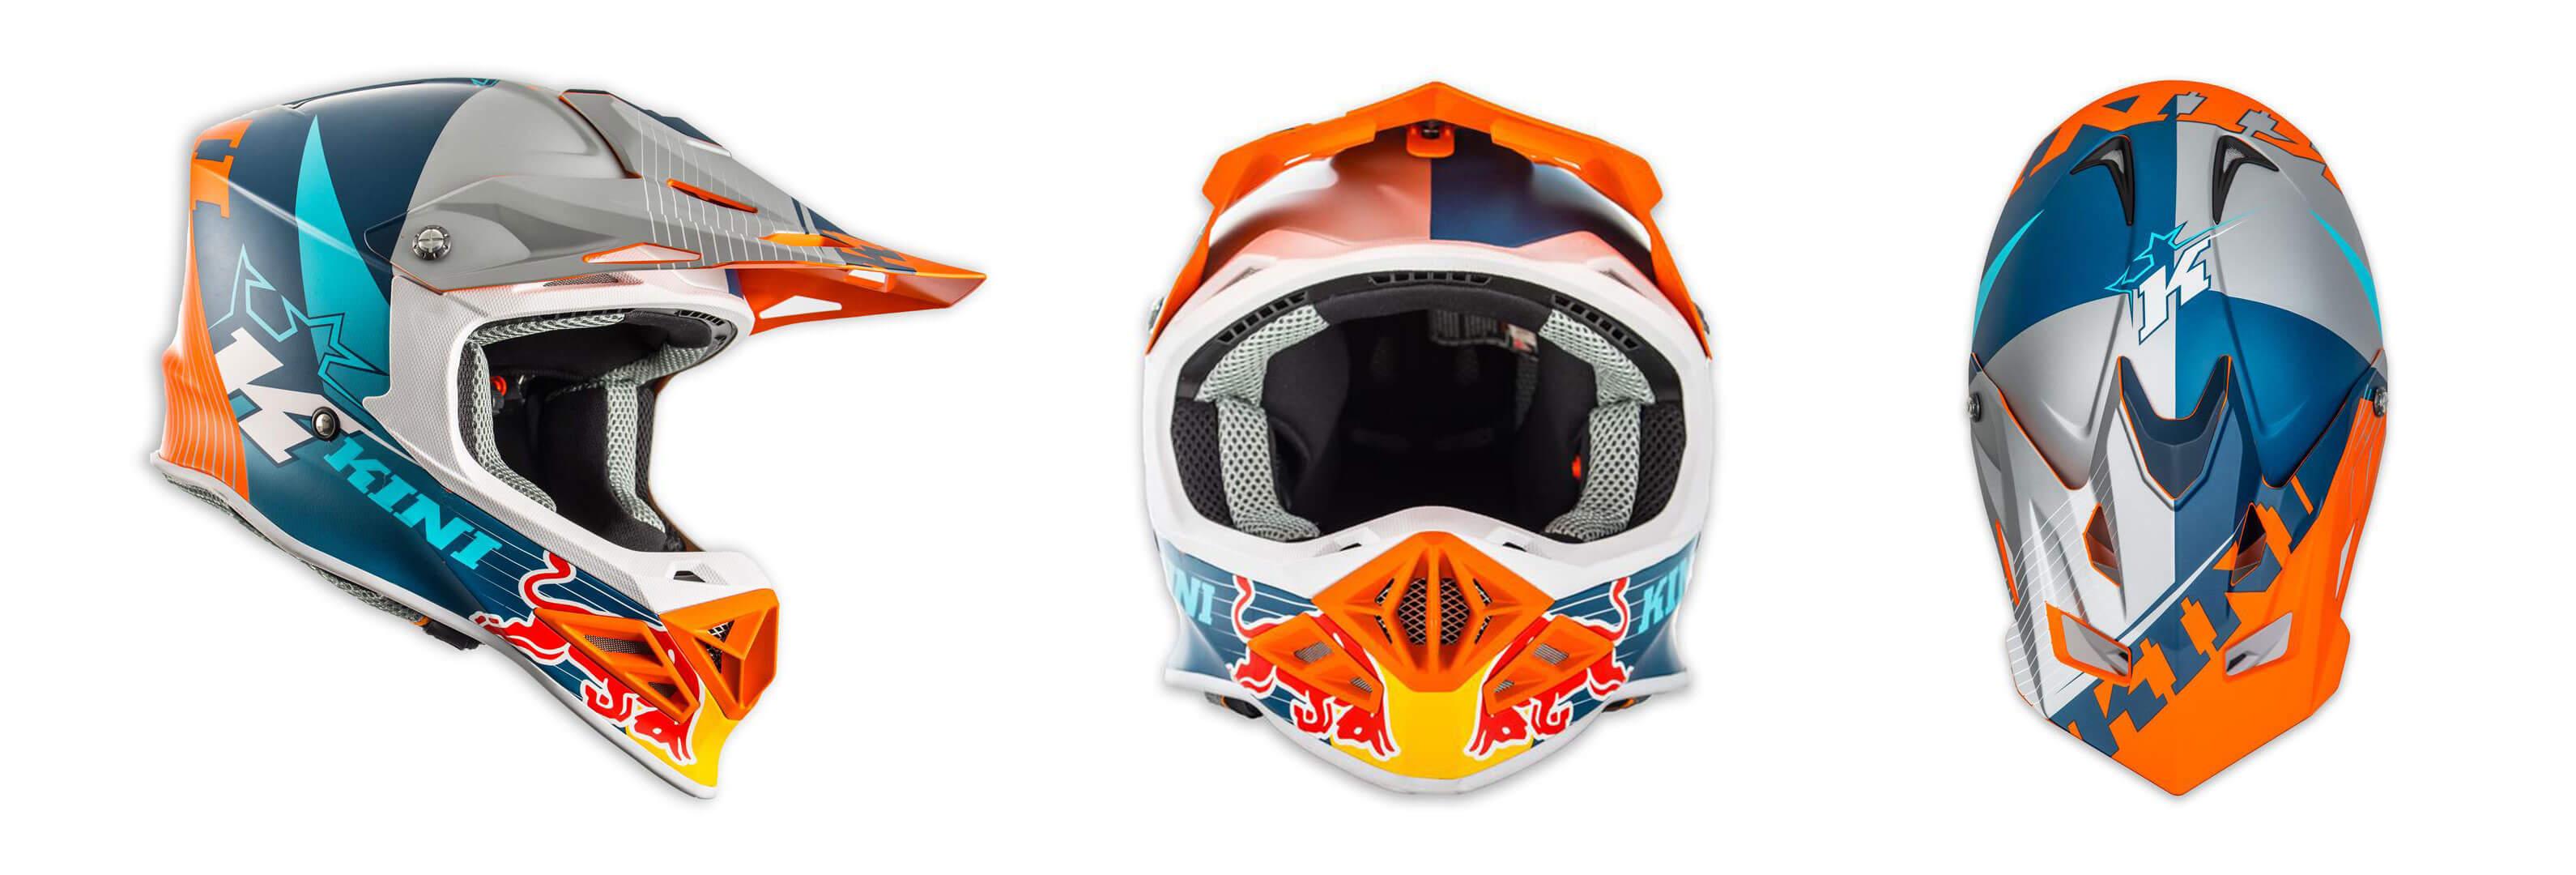 kini-red-bull-motocross-helm-ansichten